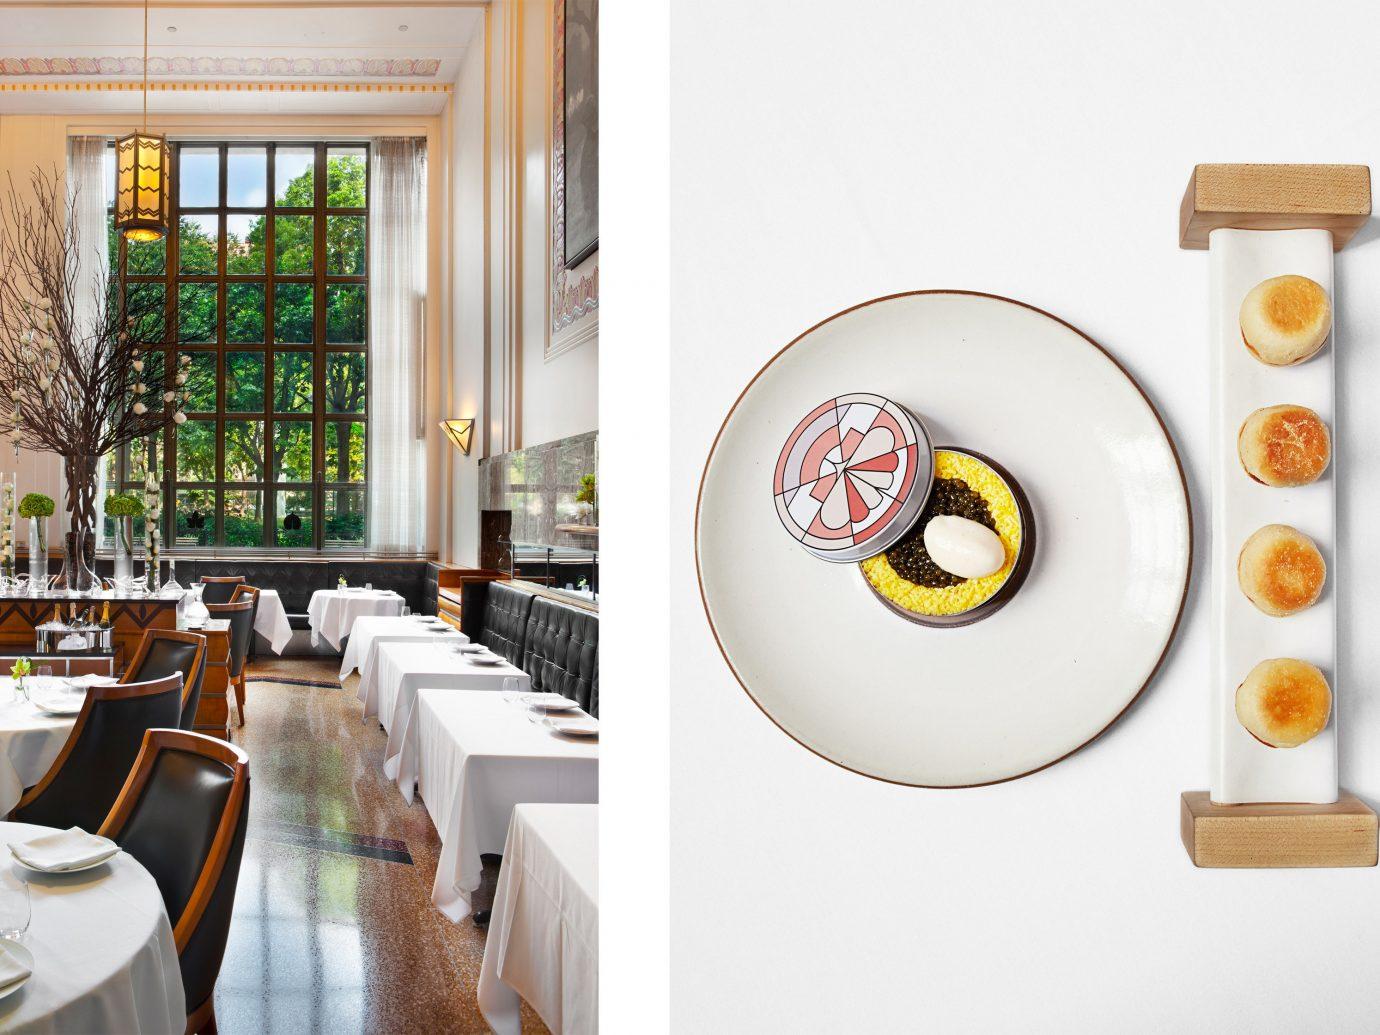 Food + Drink indoor interior design brand Design several